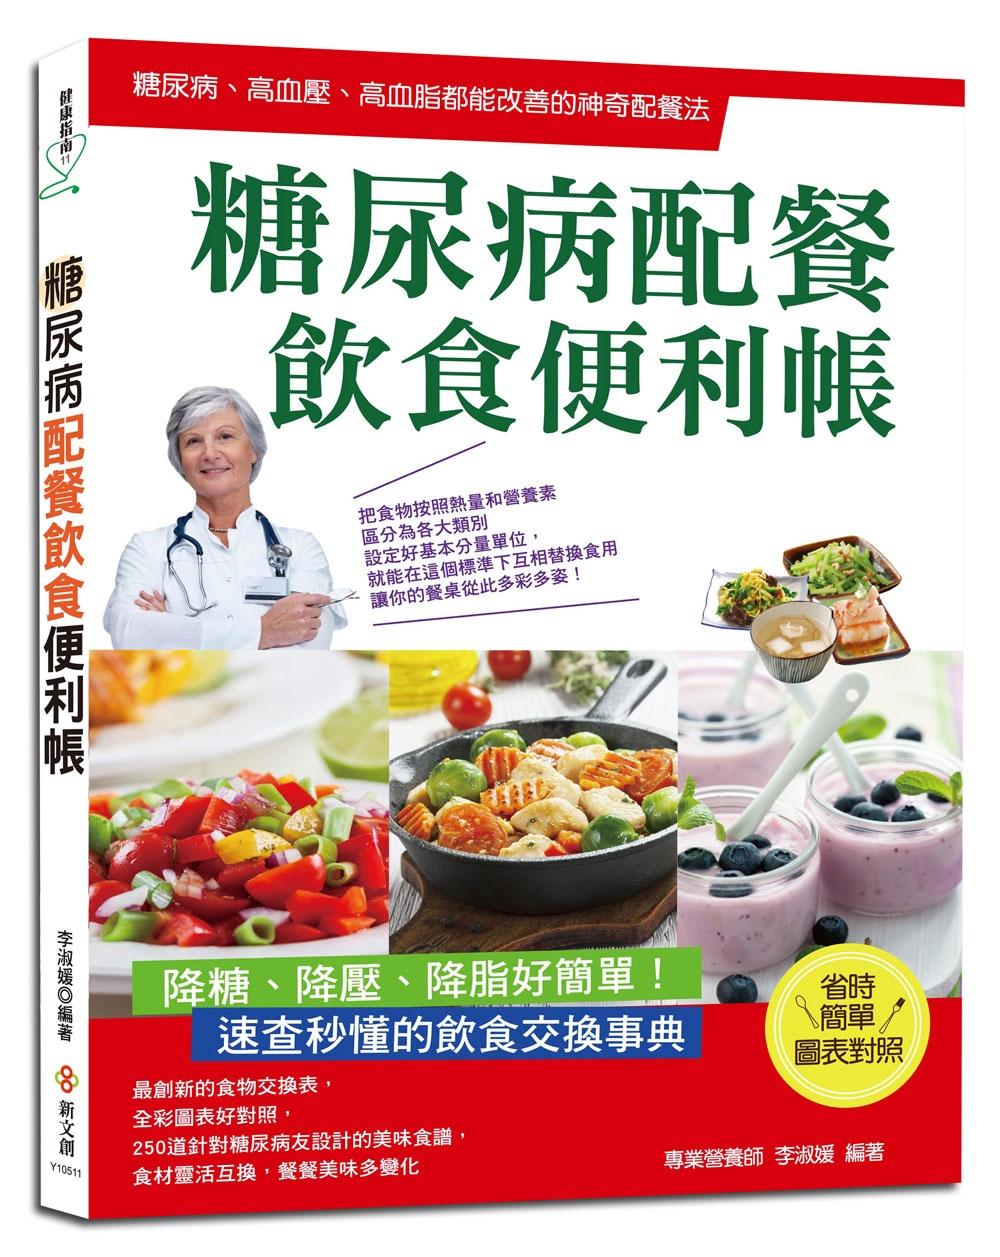 糖尿病配餐飲食便利帳:糖尿病、高血壓、高血脂都能改善的神奇配餐法,250道美味食譜,速查秒懂的飲食交換事典